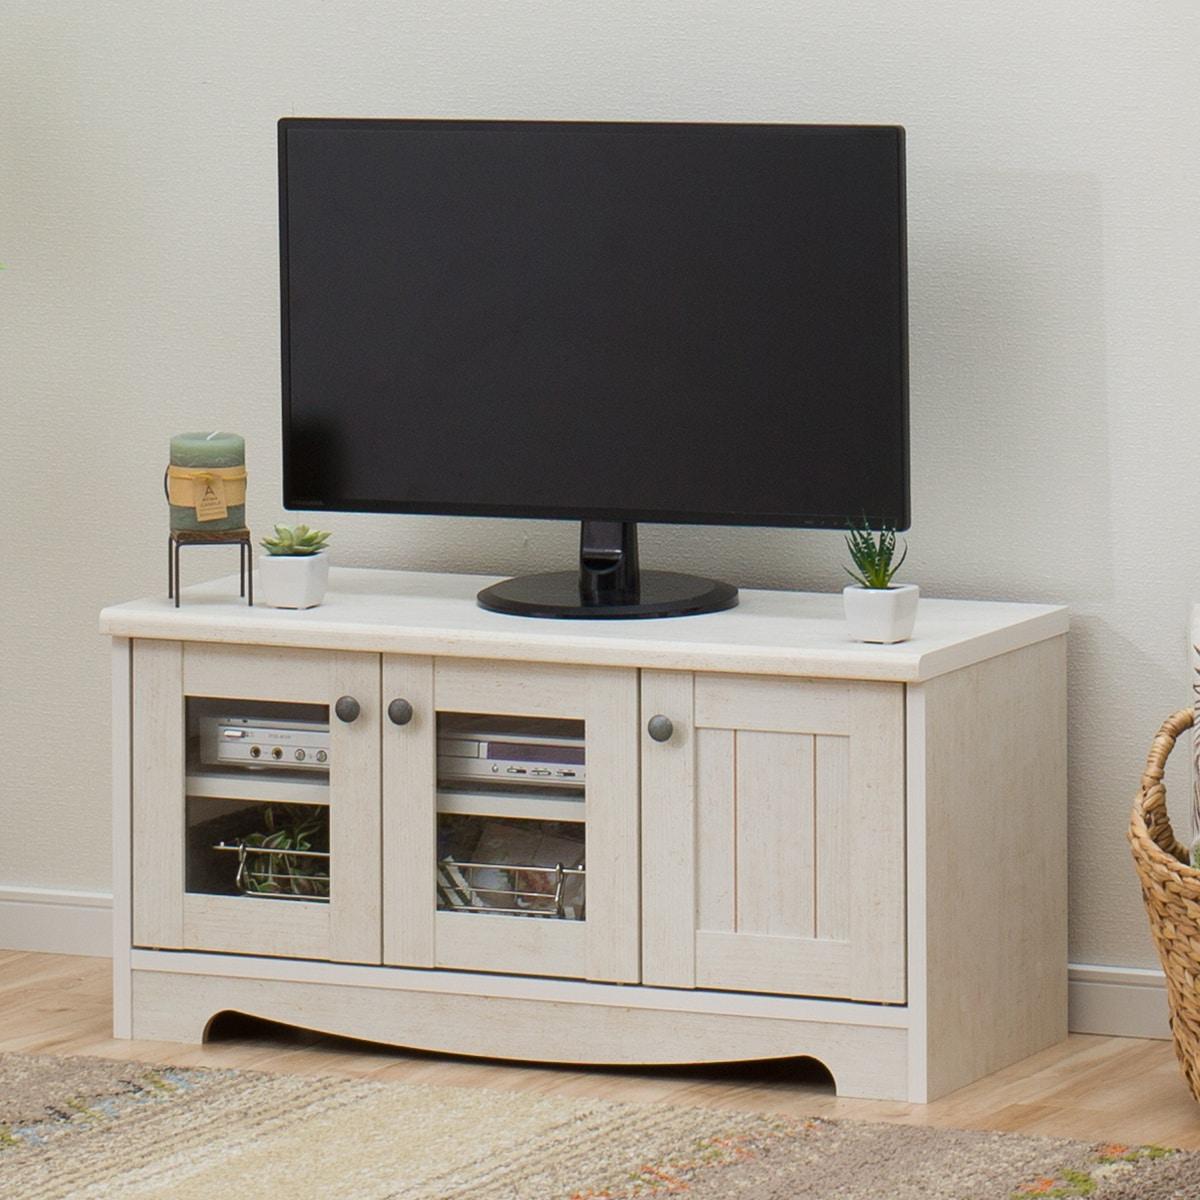 フレンチカントリー風TVボード(リズバレー SLM32V WH) ニトリ 【玄関先迄納品】 【1年保証】